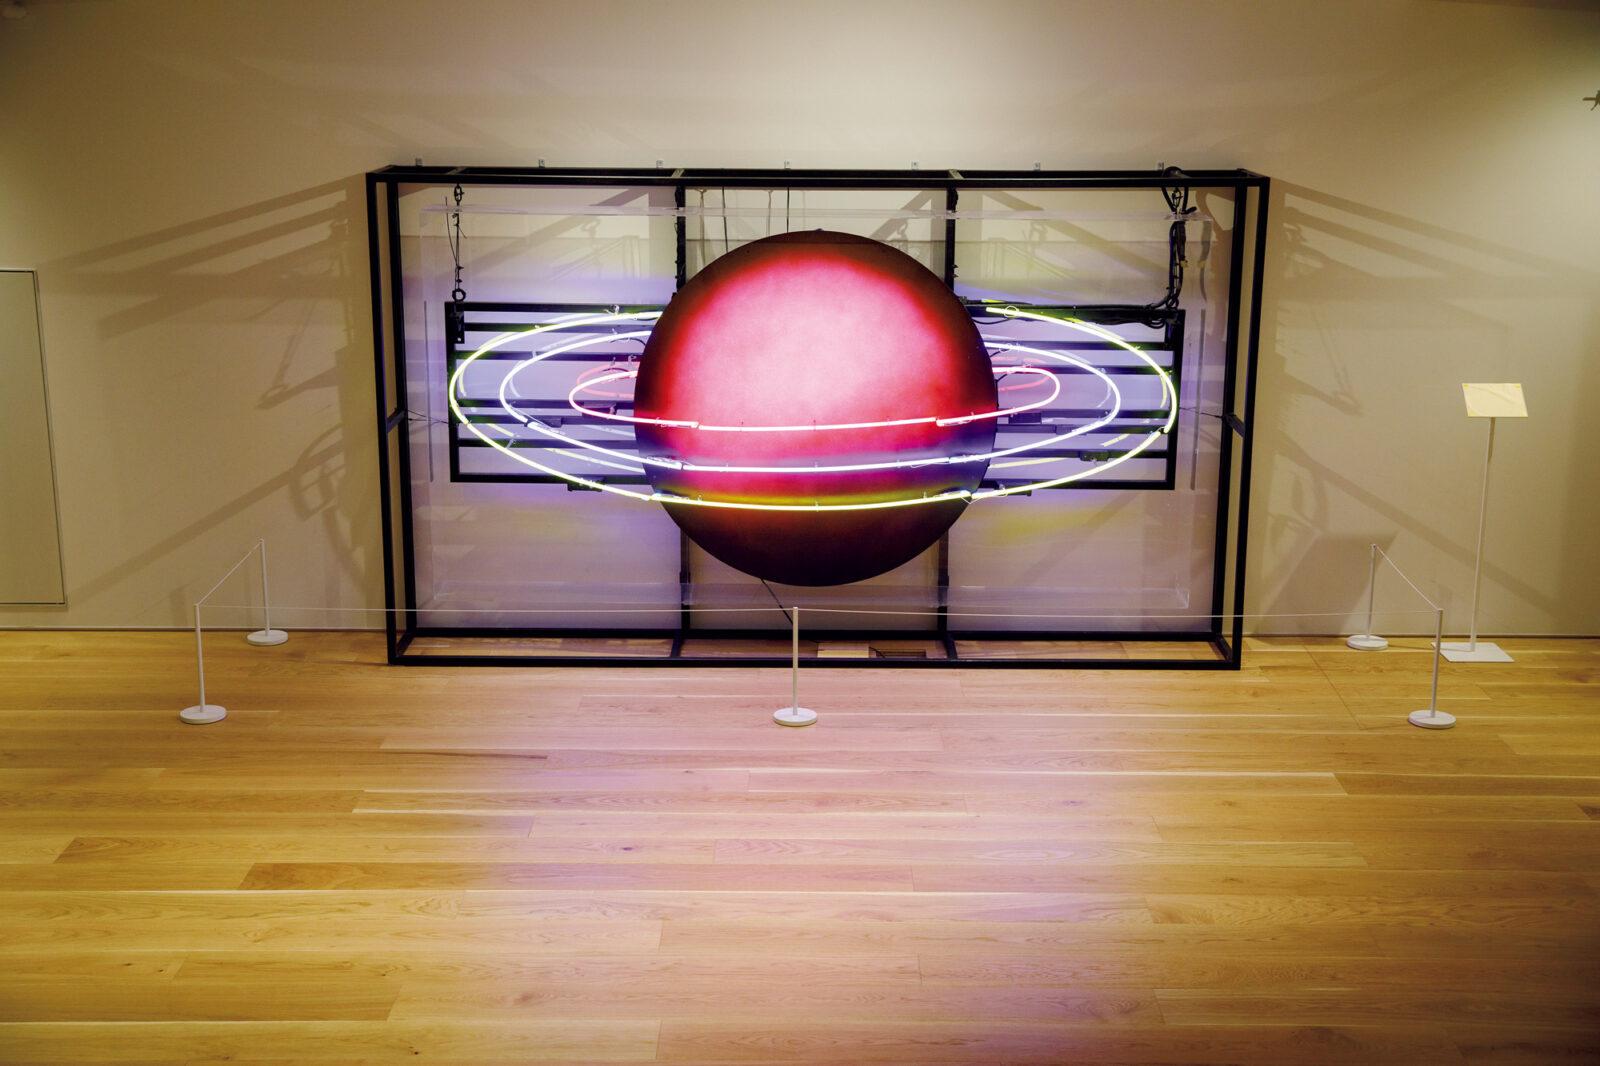 2015年に故・蜷川幸雄の演出により上演された舞台『海辺のカフカ』で使用された「土星」の舞台装置。1階から階段を下りたところに設置されている。